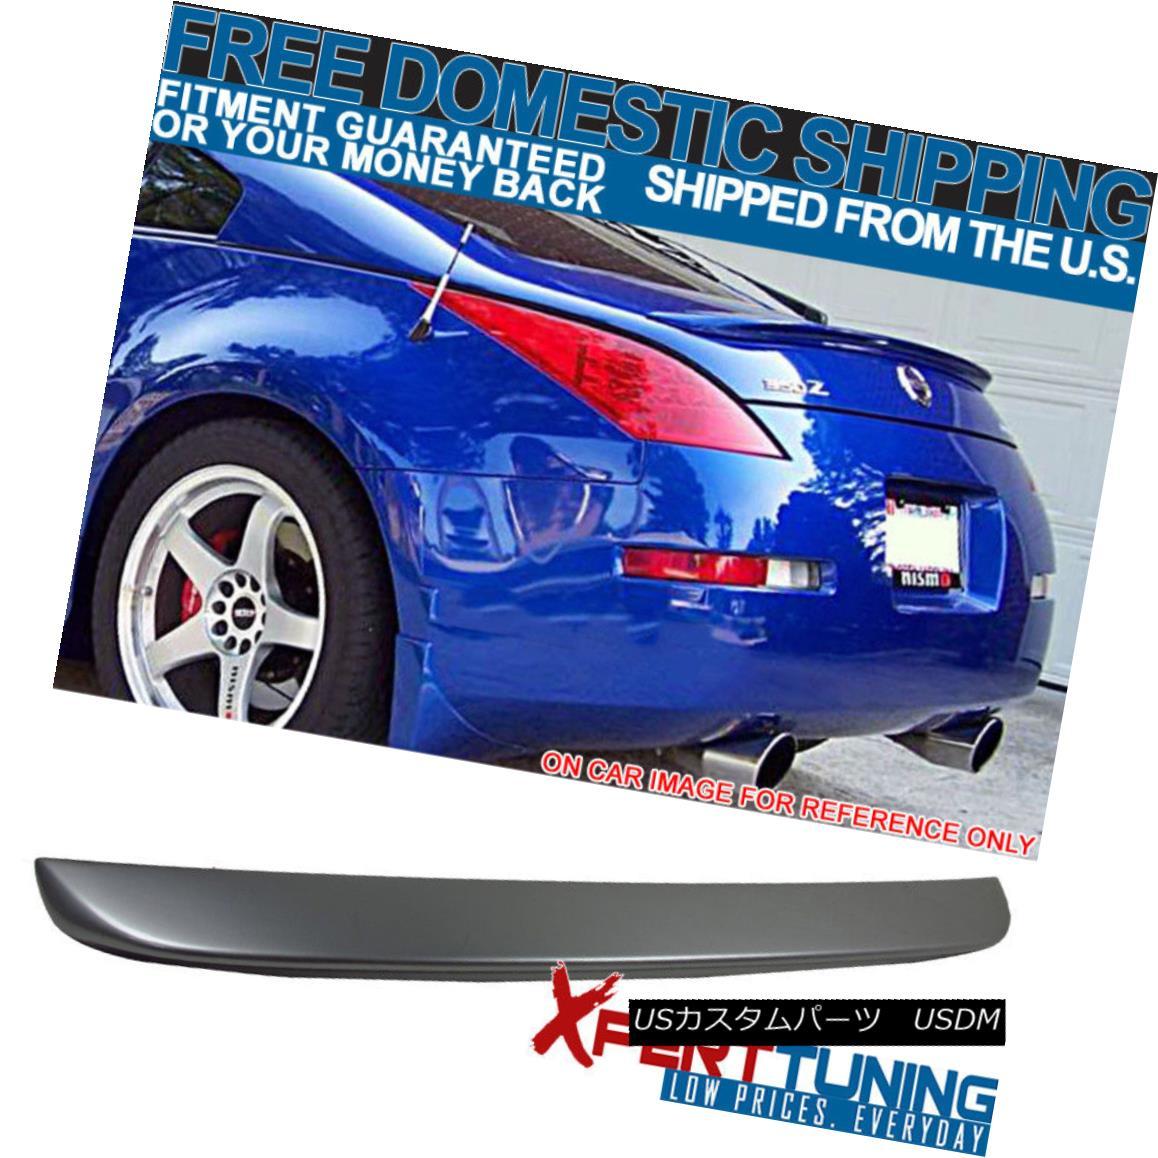 エアロパーツ Fits 03-08 Nissan 350Z Z33 ABS Trunk Spoiler Painted #KY0 Chrome Silver Metallic フィット03-08日産350Z Z33 ABSトランクスポイラー塗装#KY0クロムシルバーメタリック